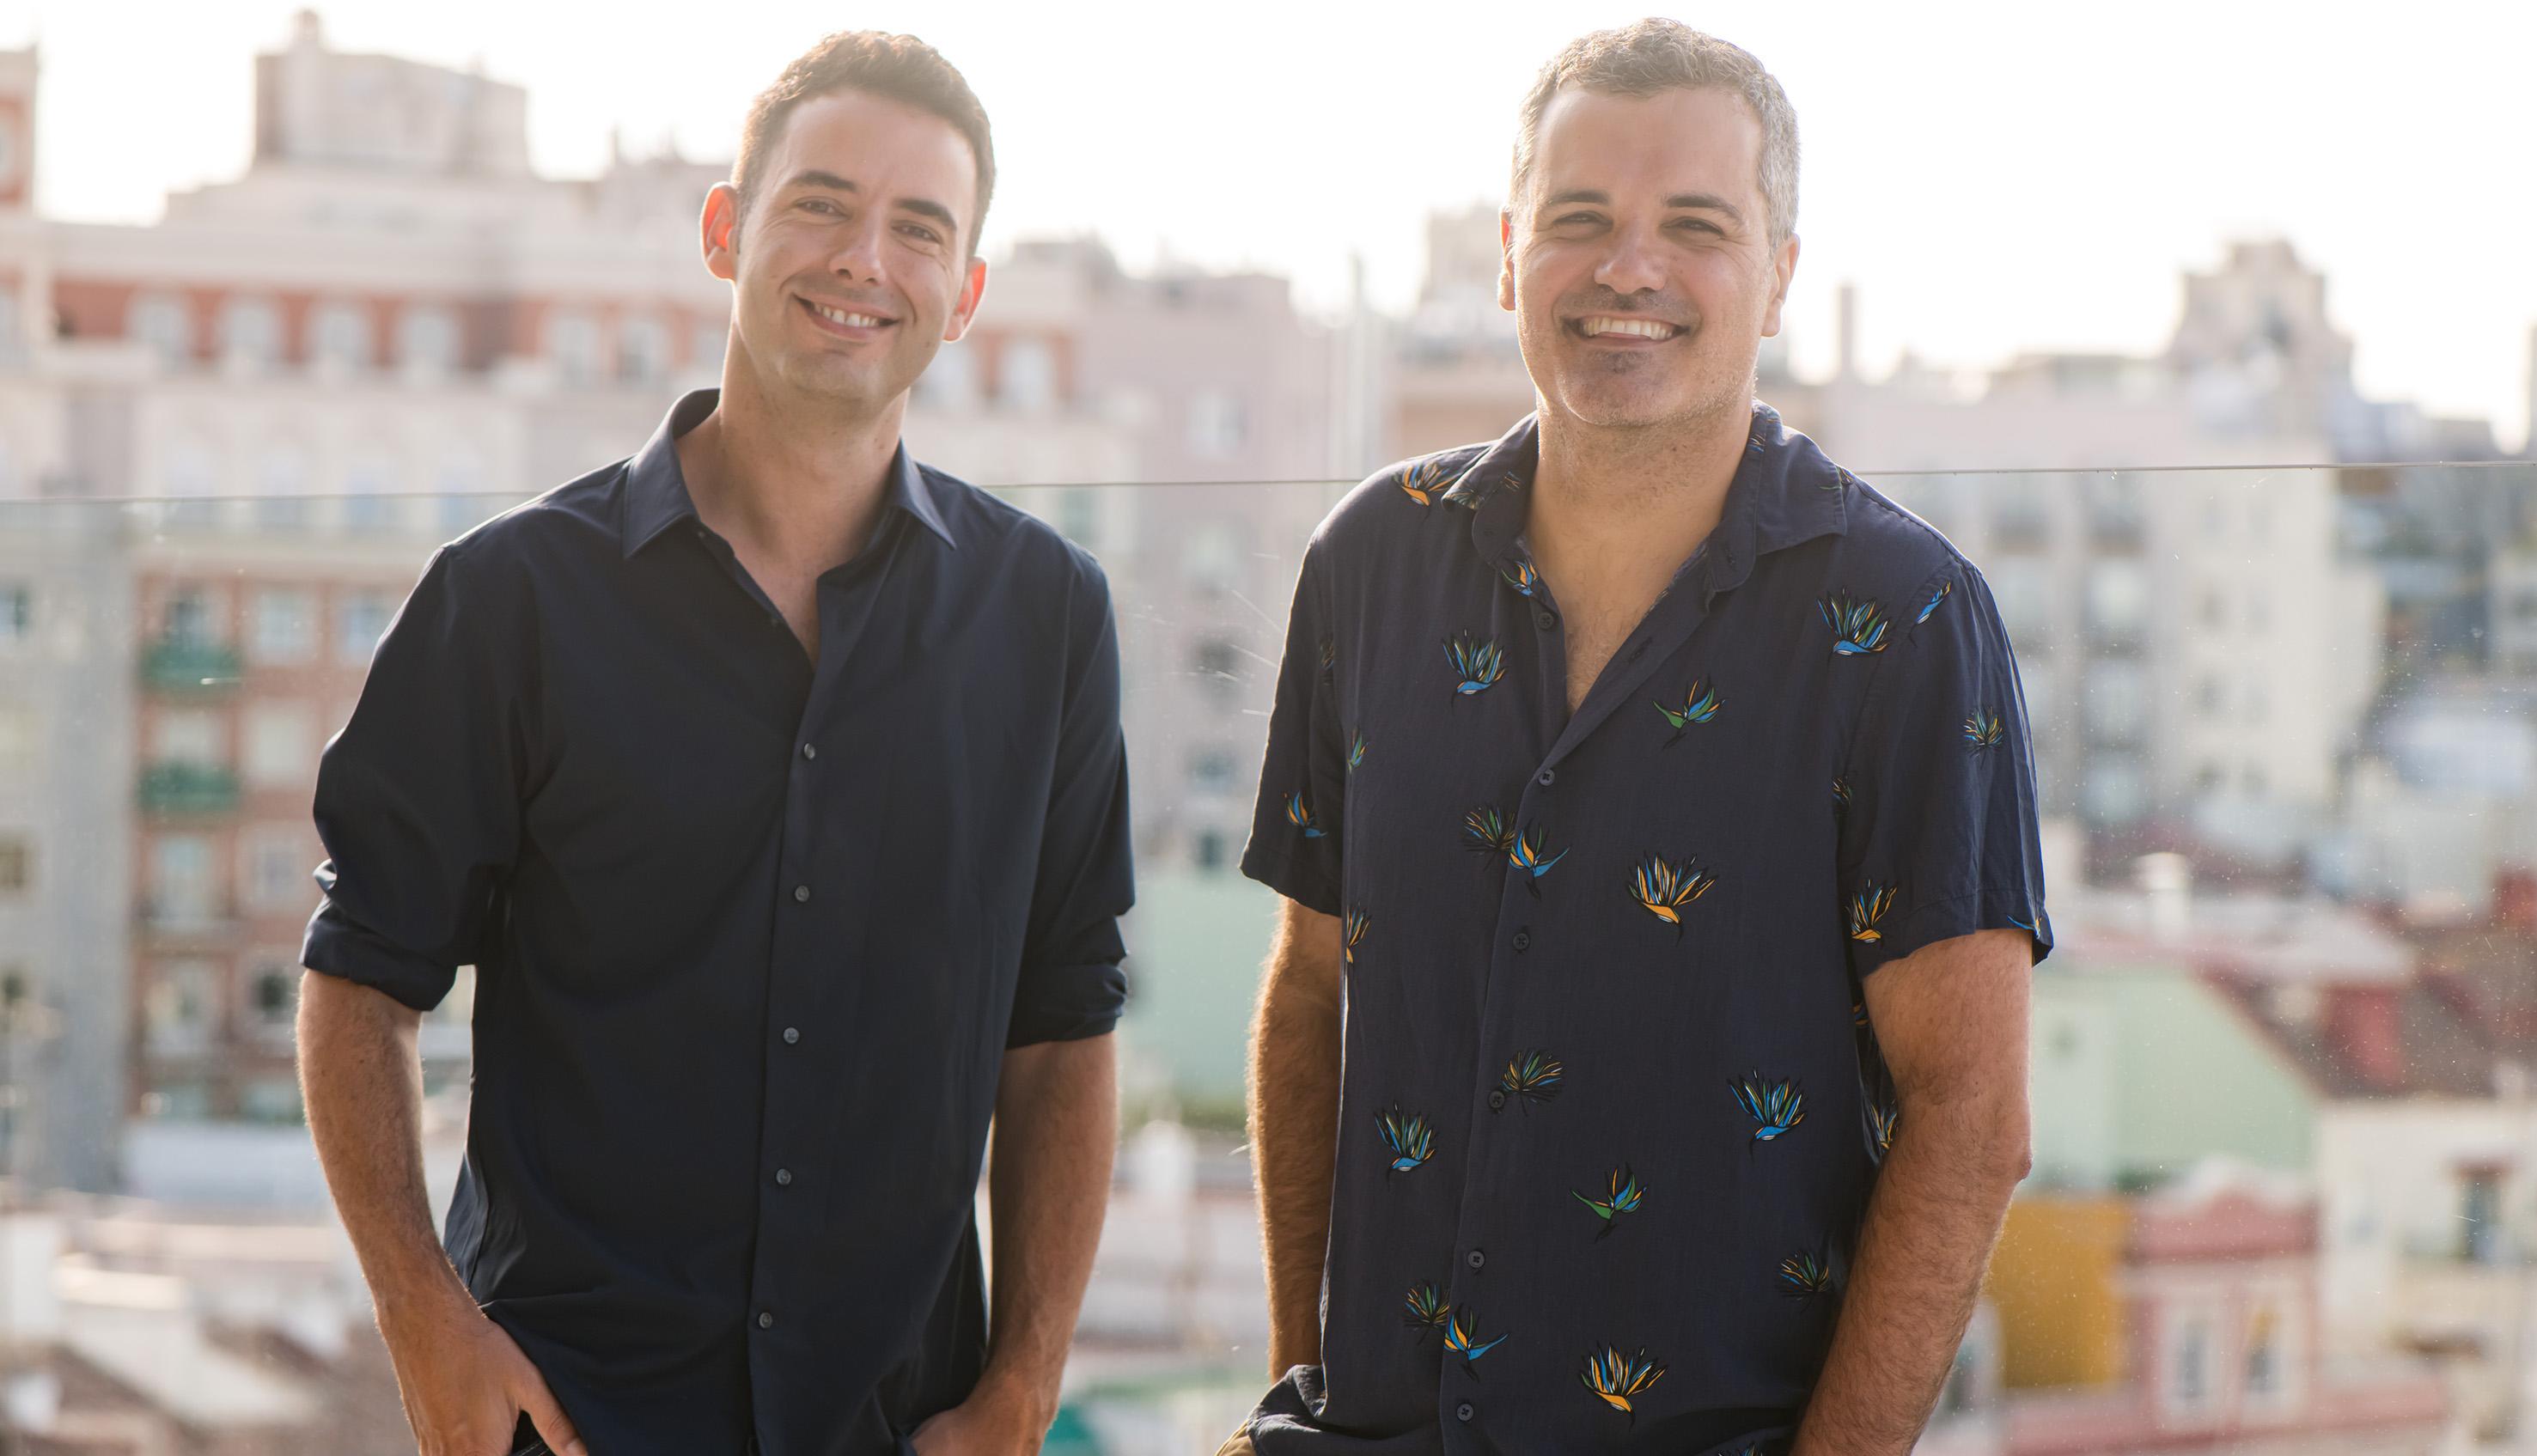 Darío Madrona and Carlos Montero